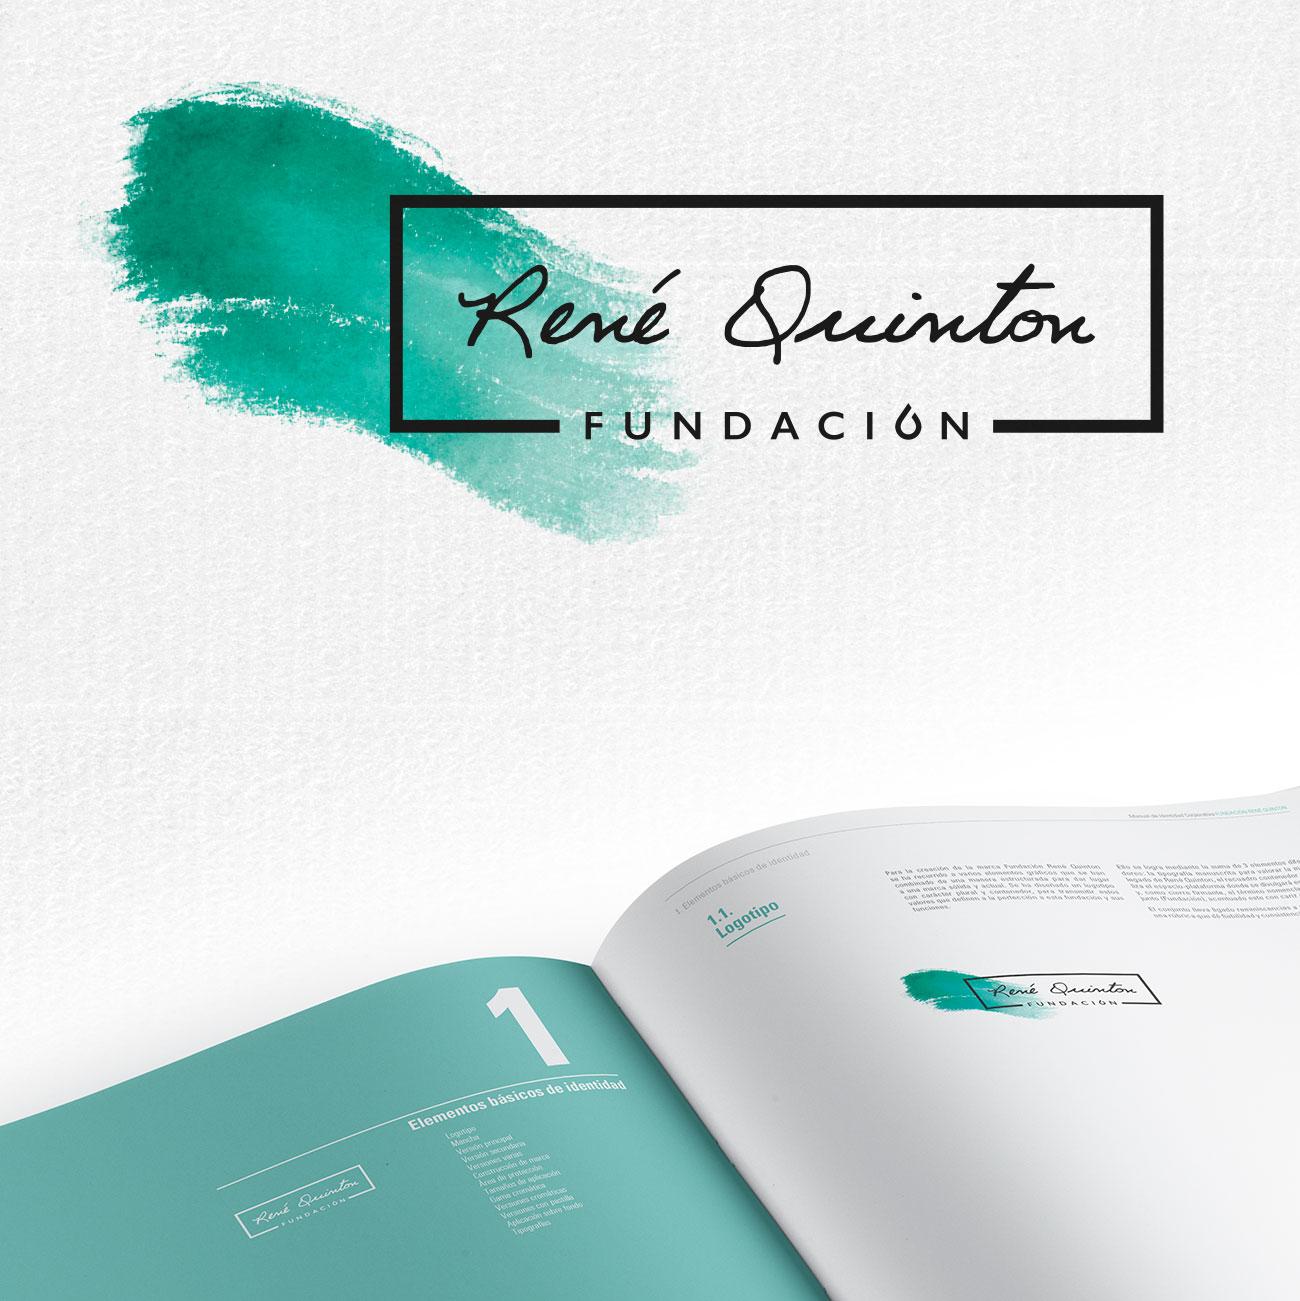 fundacion-quinton-logo